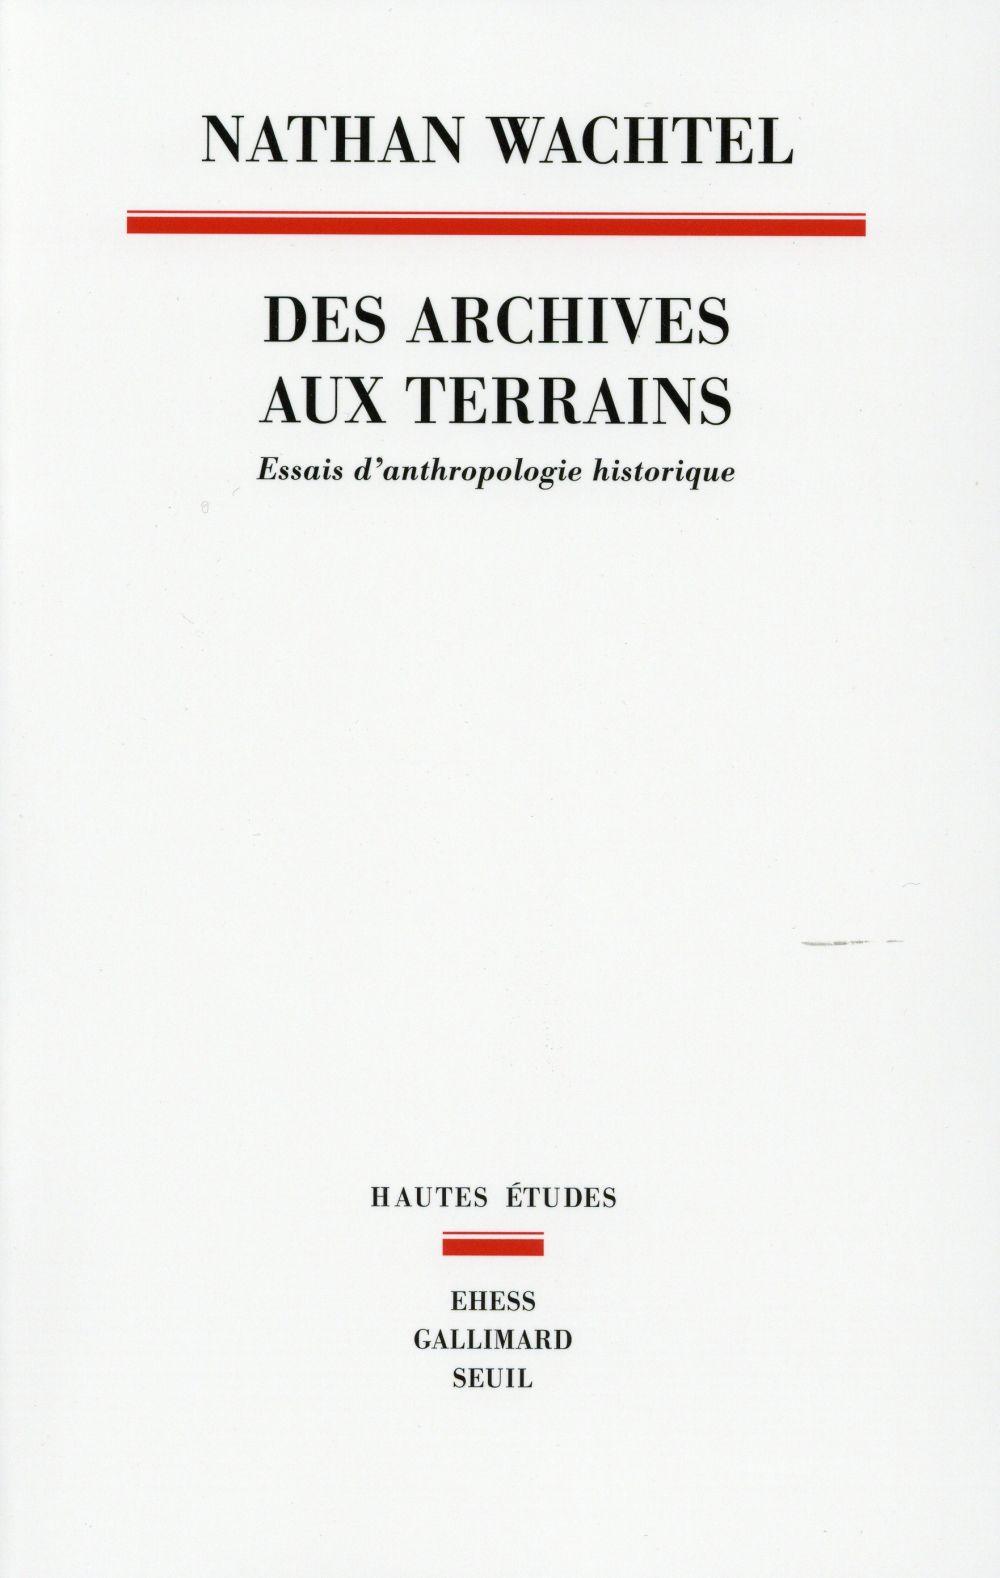 anthropologie historique ; des archives aux terrains